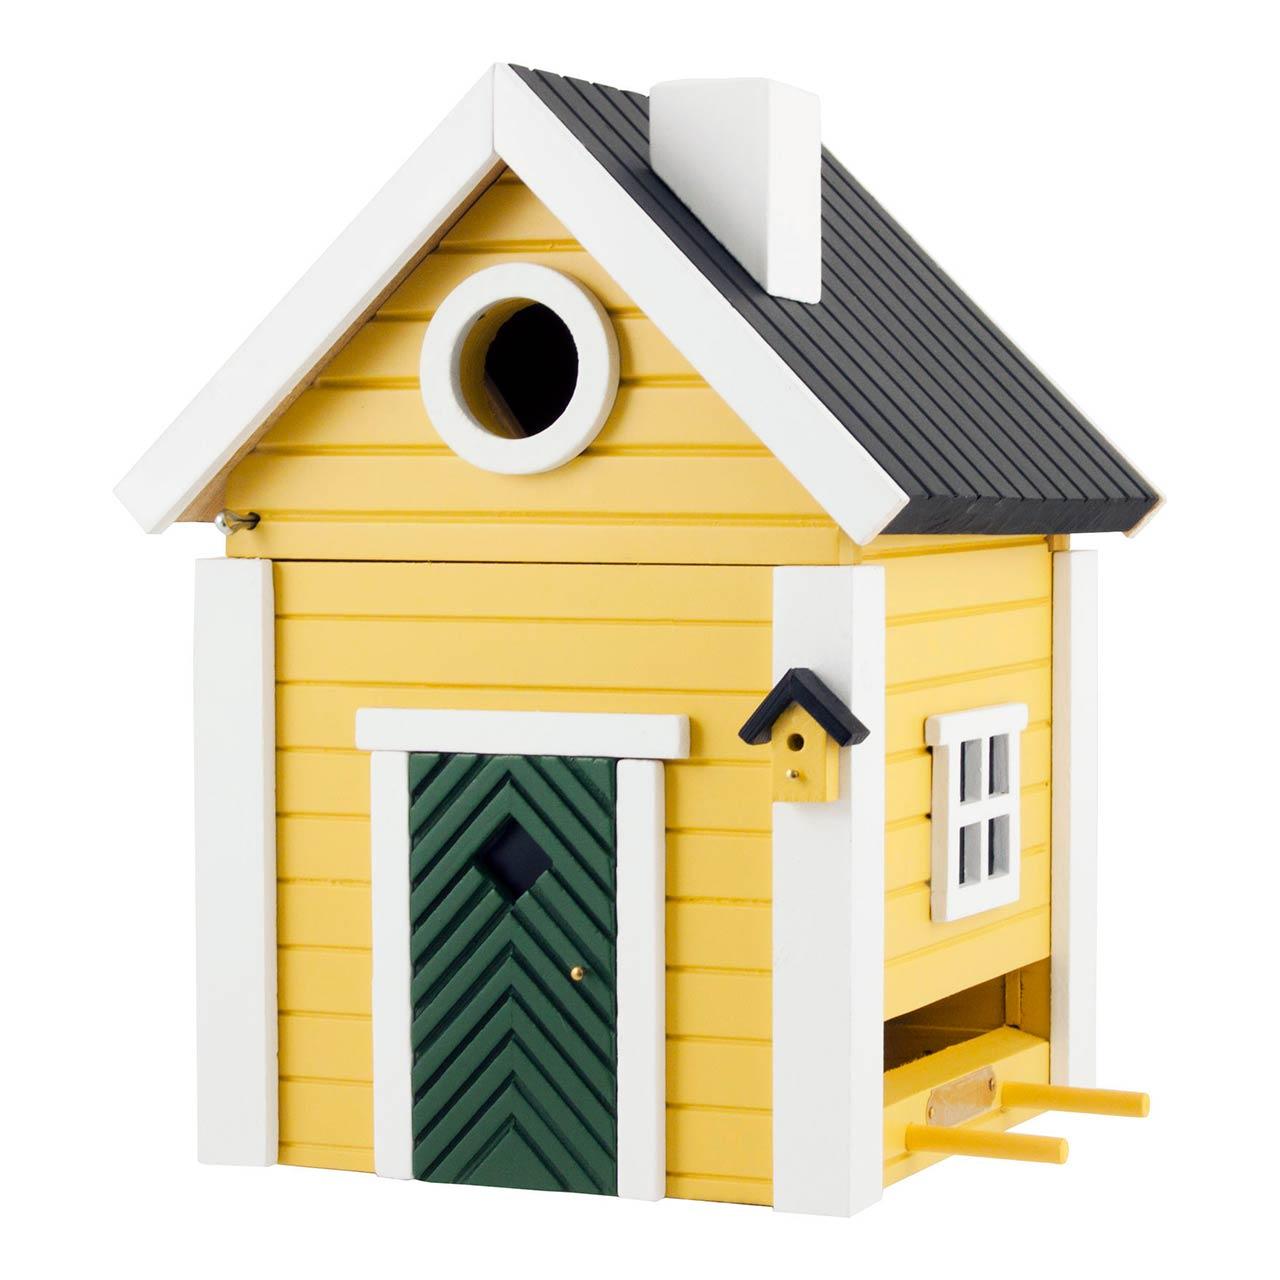 WILDLIFE GARDEN Bird Feeder & Nesting Box Yellow Cottage   the design gift shop